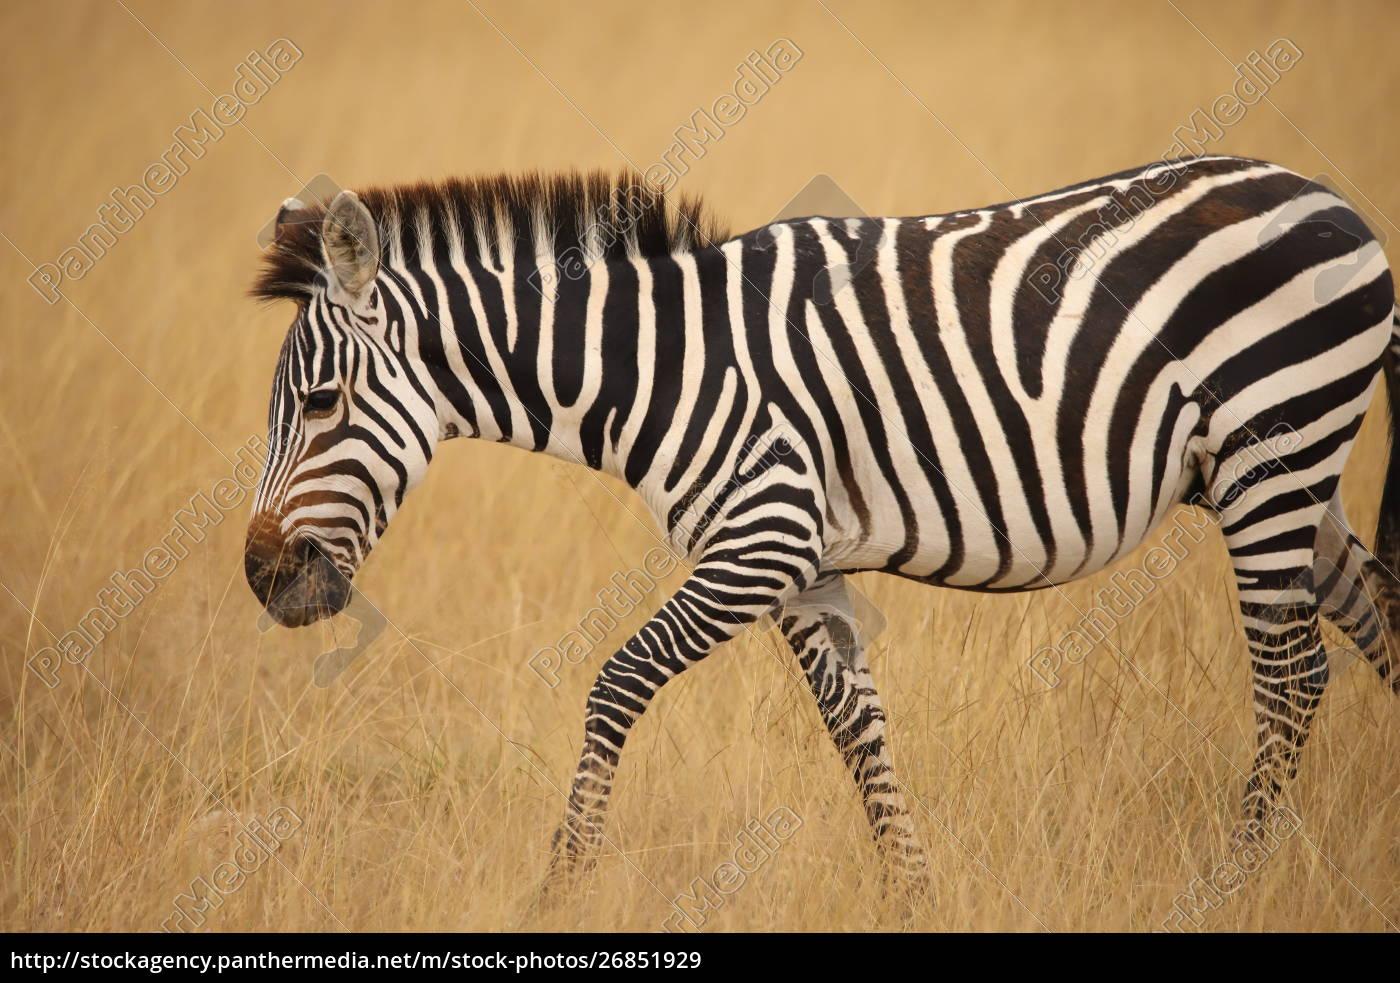 close, up, of, a, zebra, in - 26851929